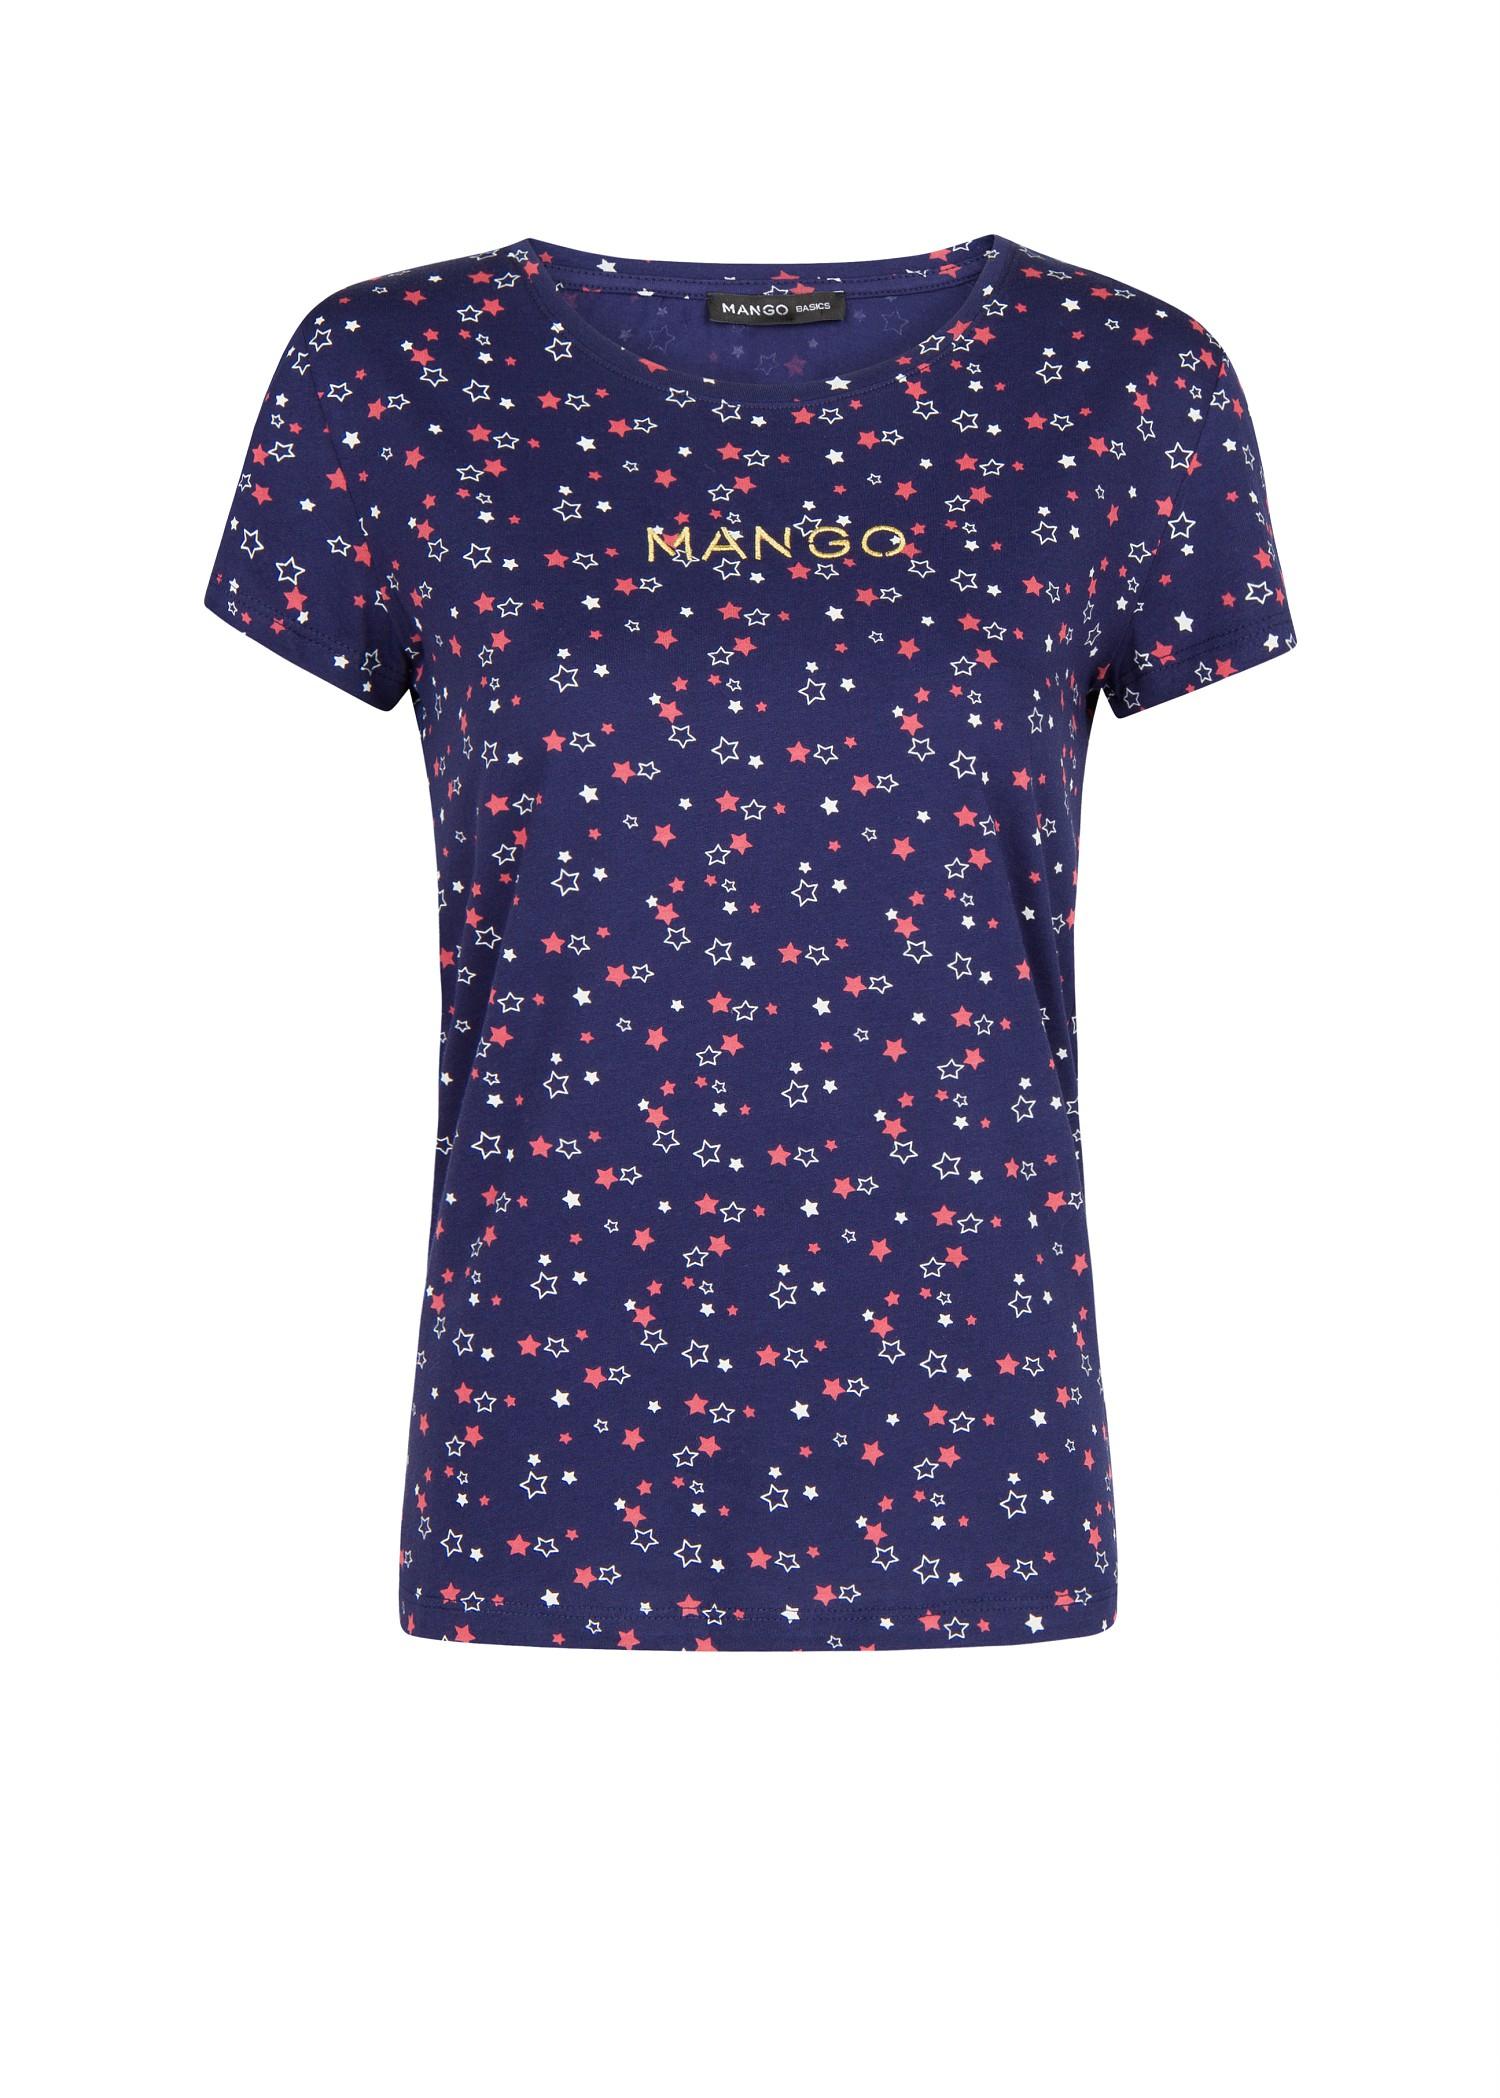 Lyst mango logo star tshirt in blue for Logo t shirt dress